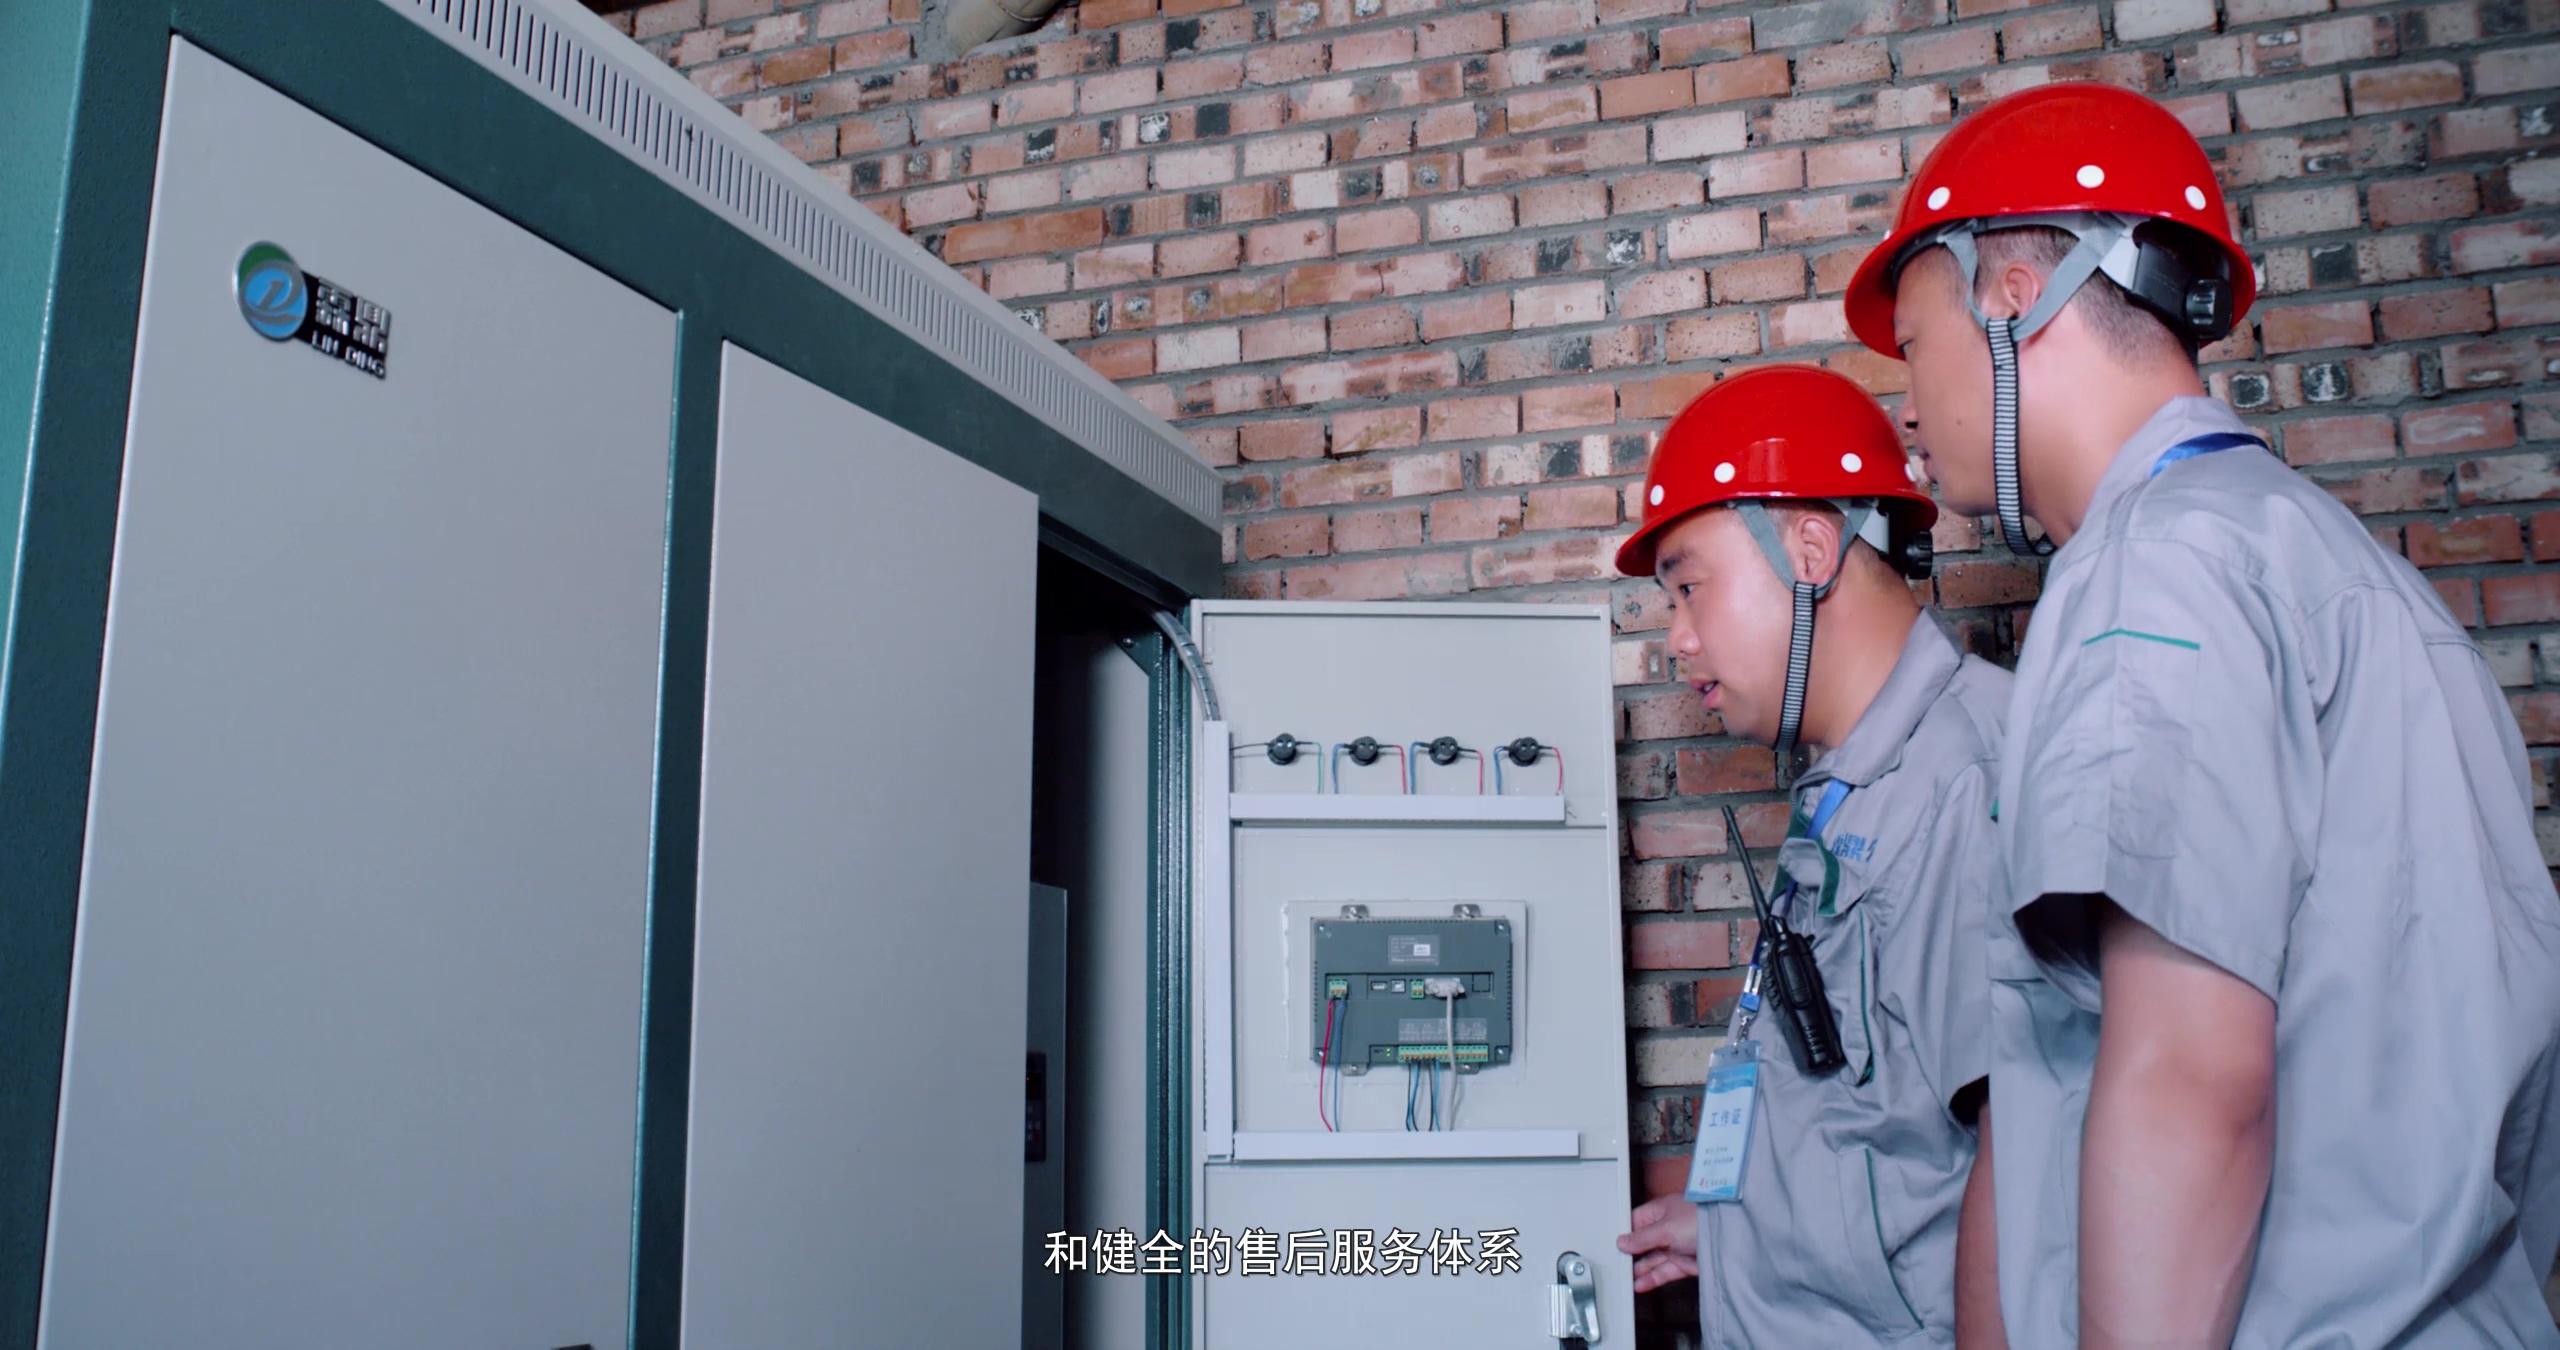 十四五规划明确绿色建筑,电磁锅炉推动低碳供暖